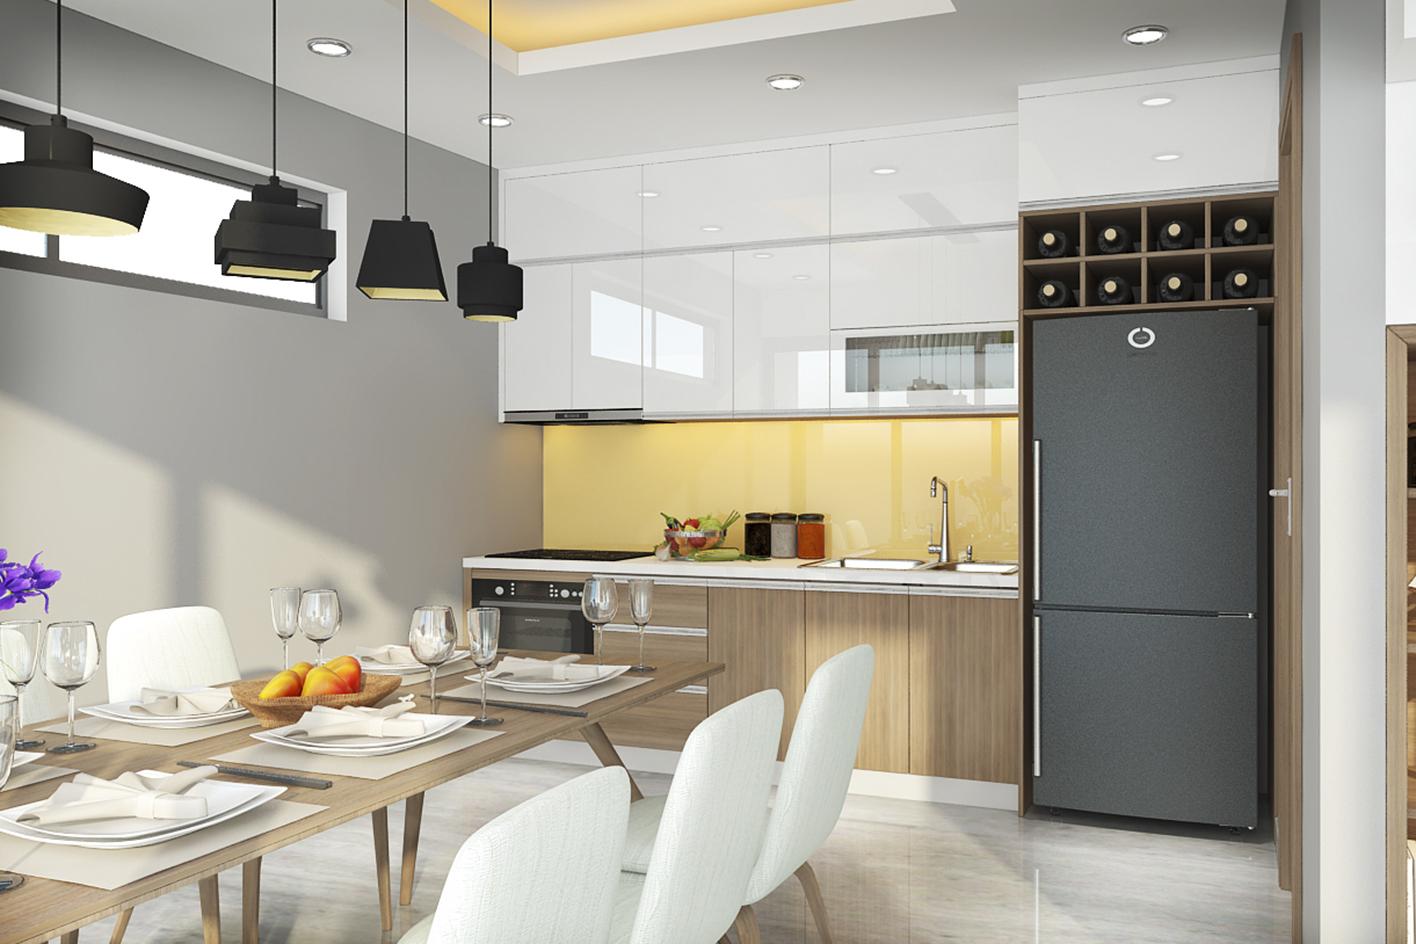 Nội thất phòng bếp hiện đại nhà anh Thắng - Gia Lâm